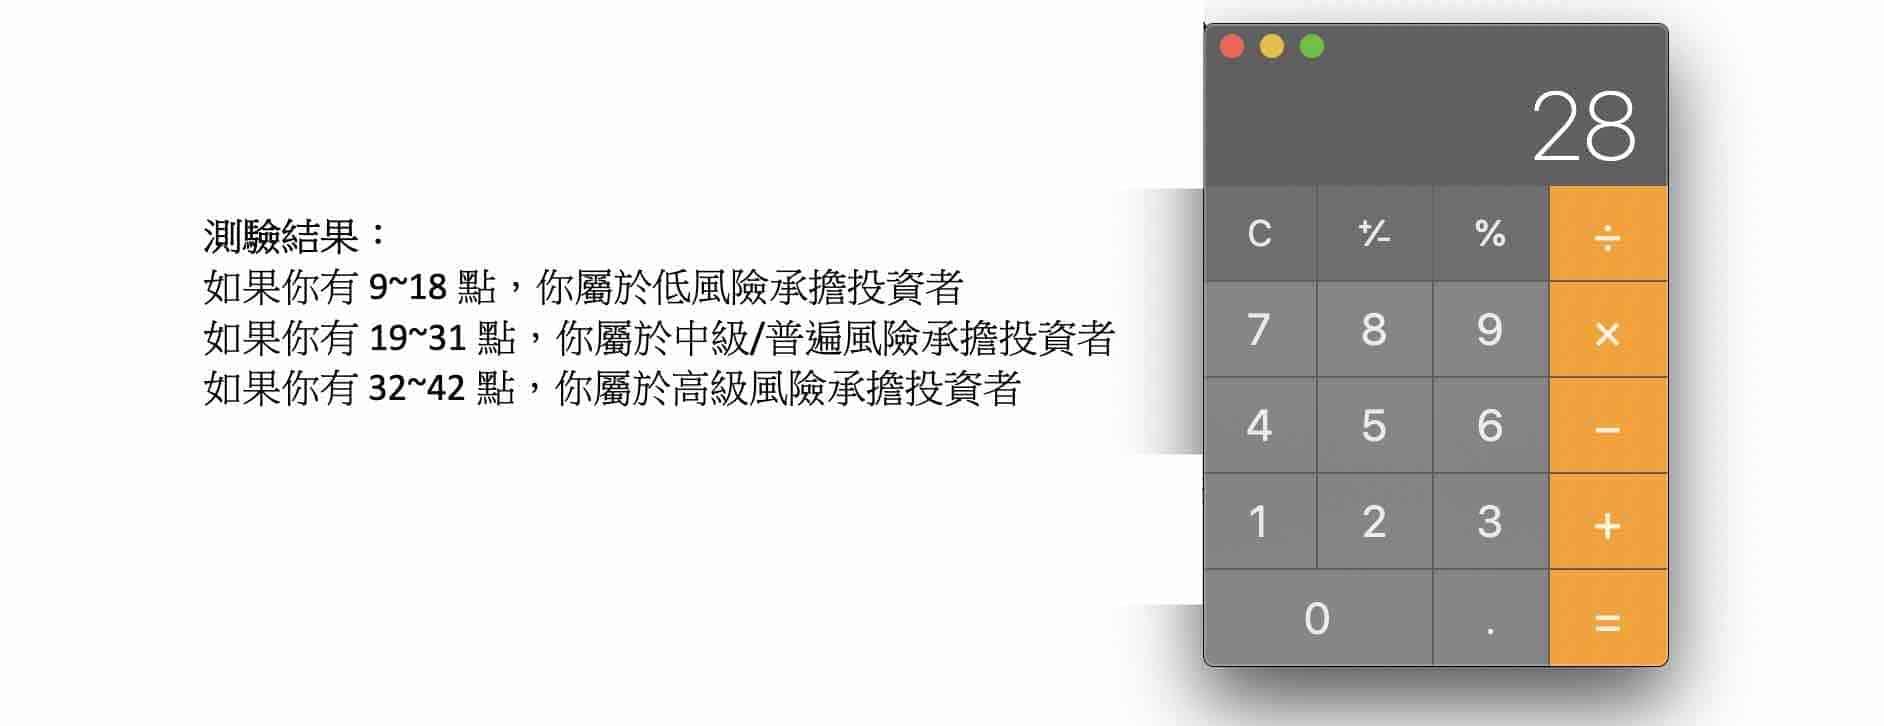 yale-chen-美股被動式投資-風險承擔測驗2